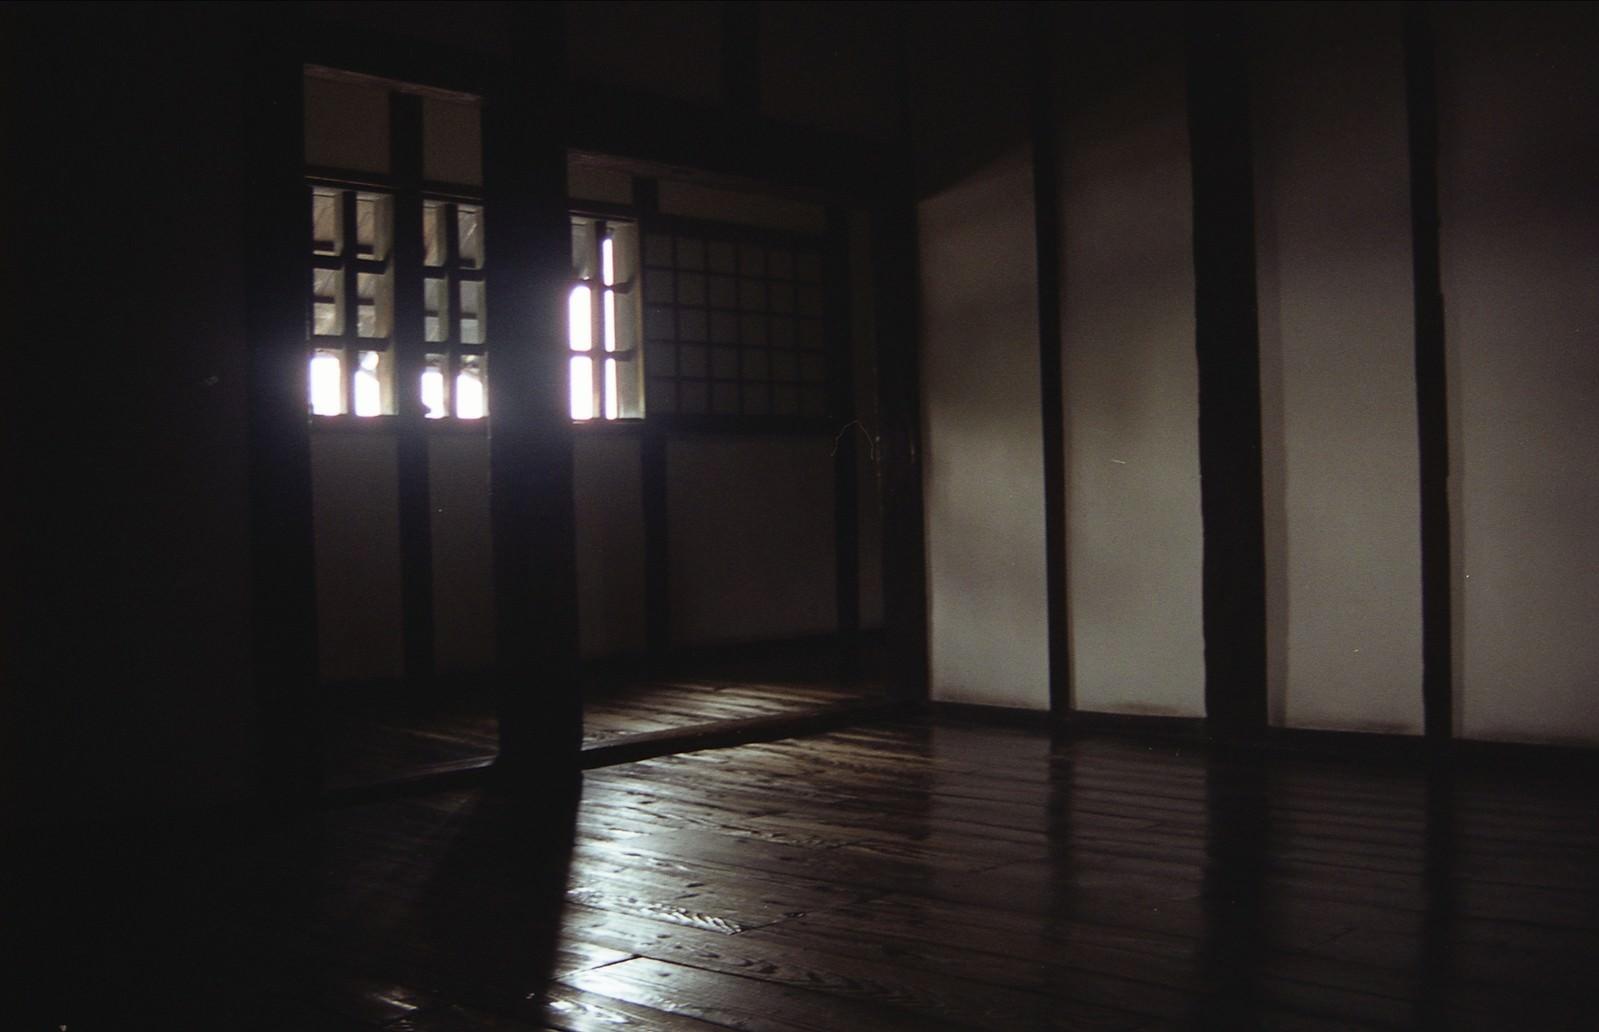 「城内の板間に射し込む光」の写真